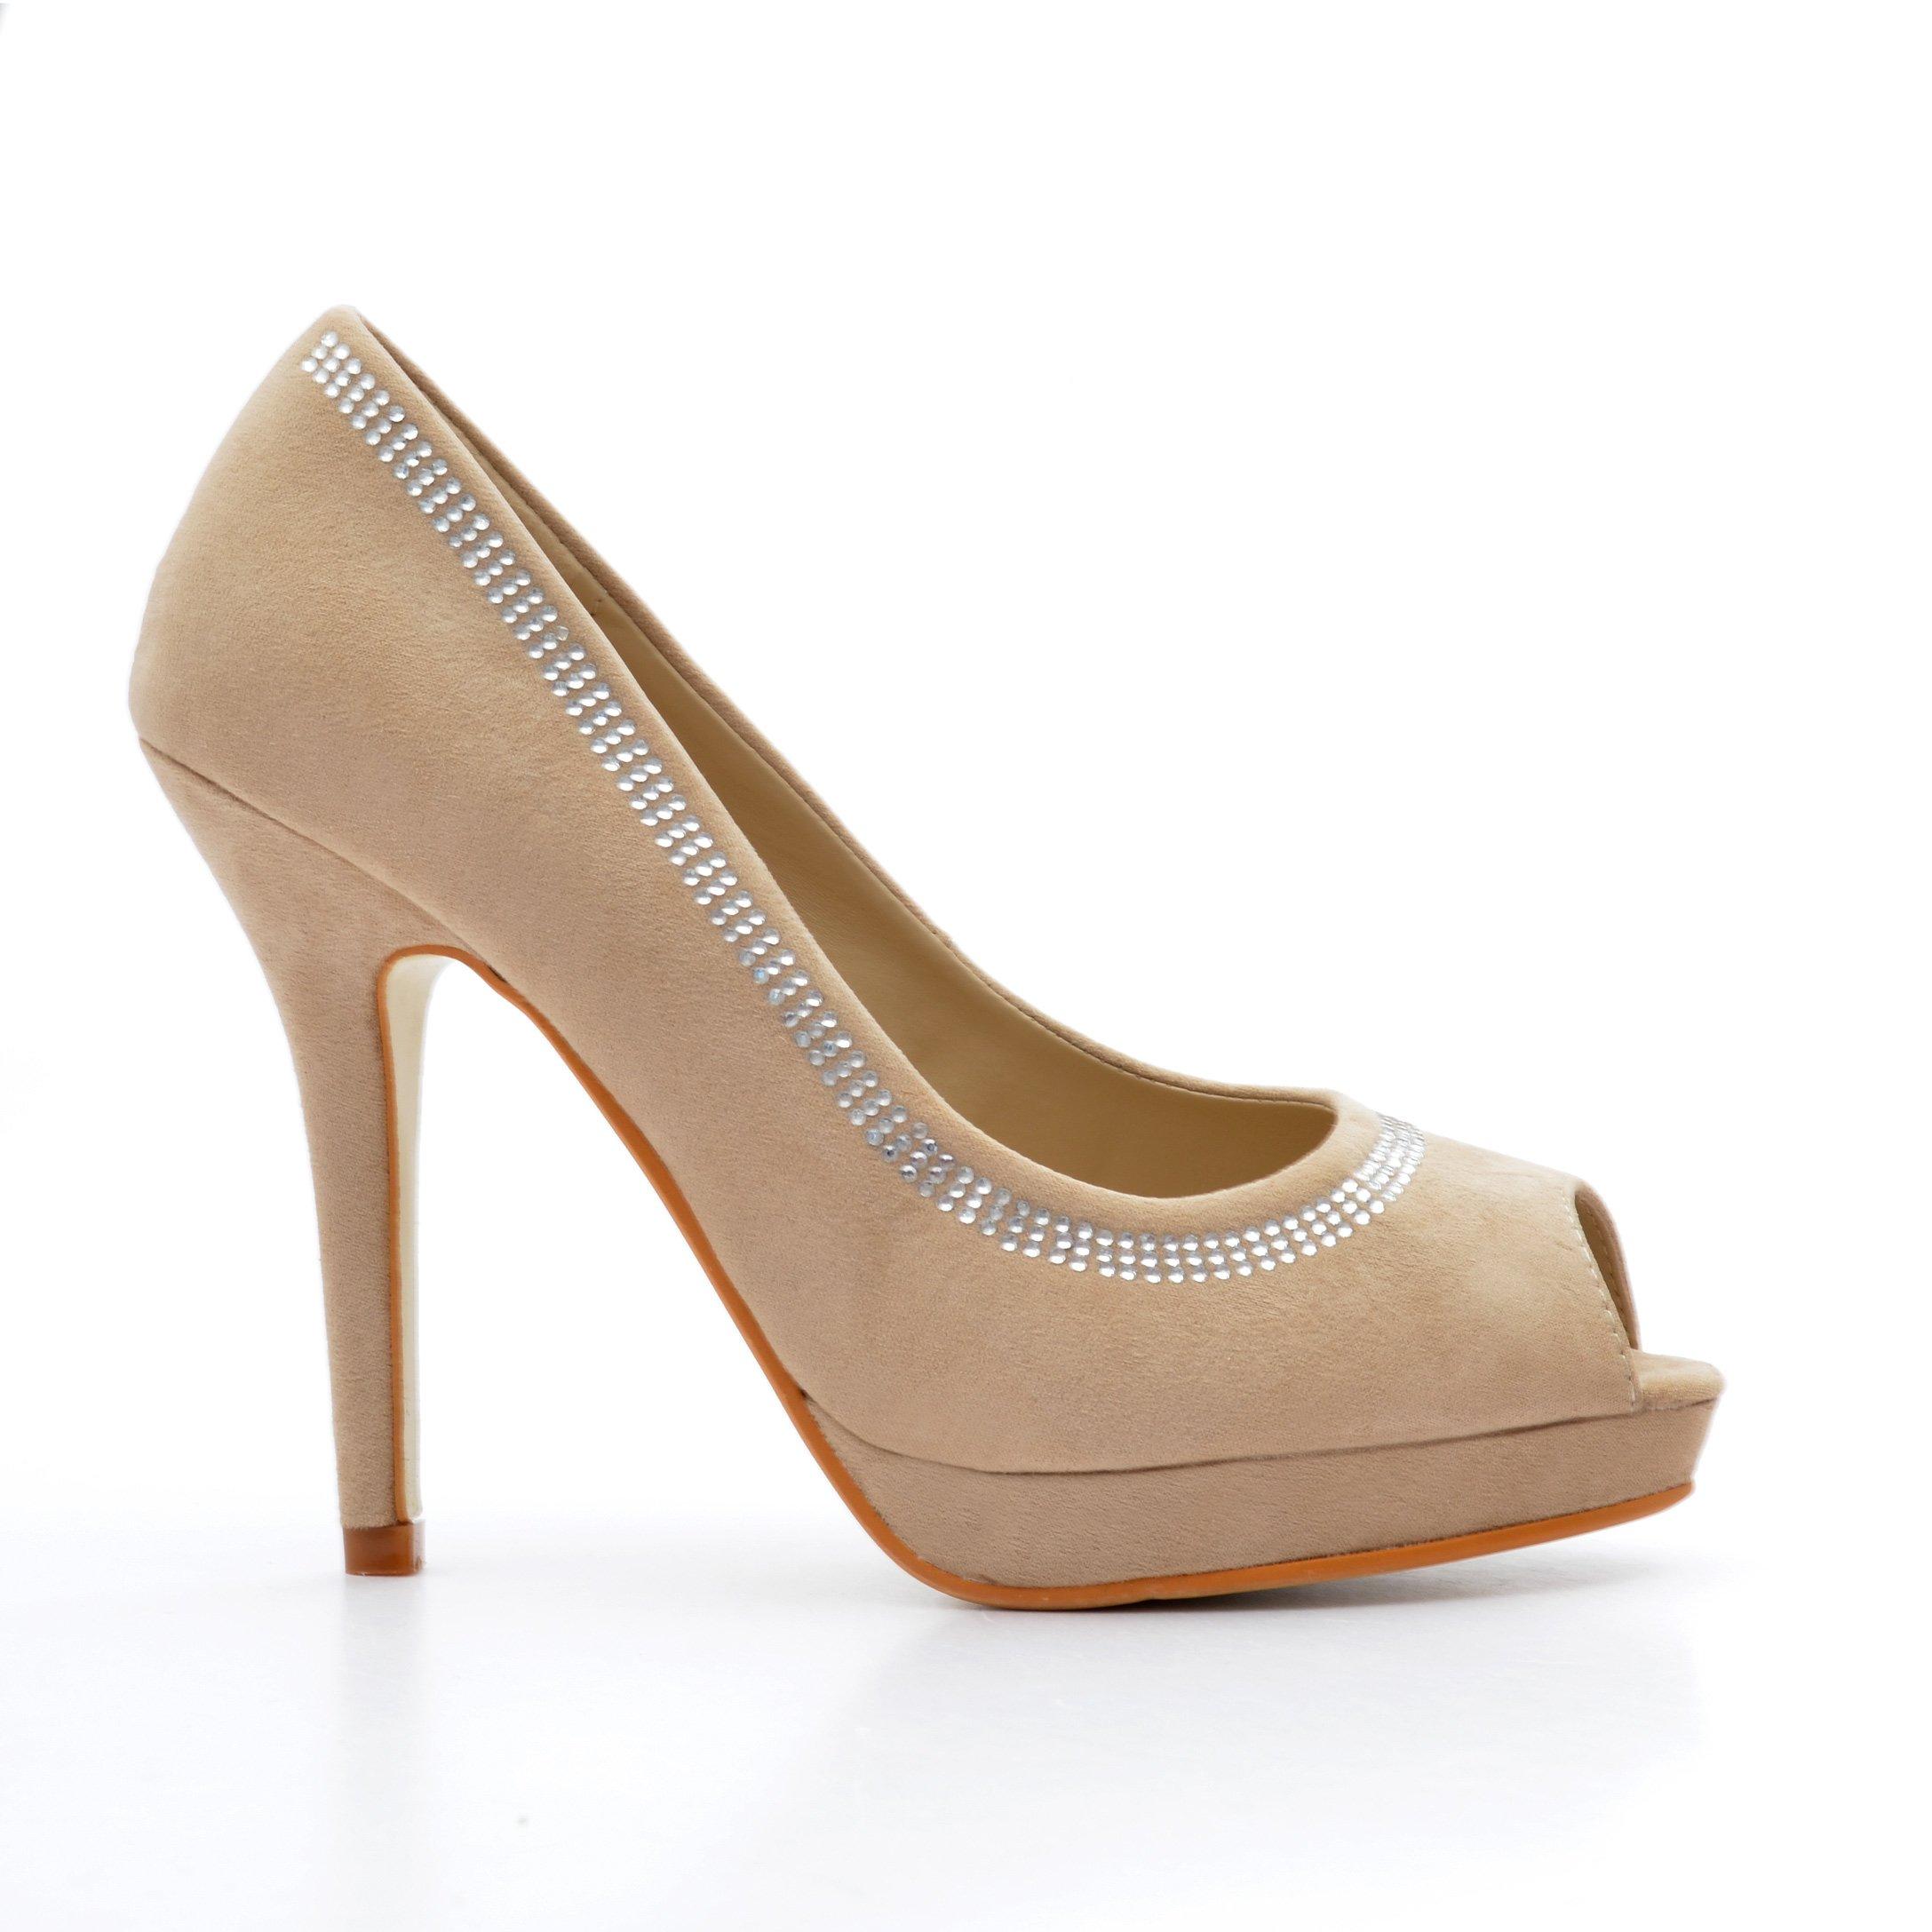 Pantofi dama Pierce 2 bej